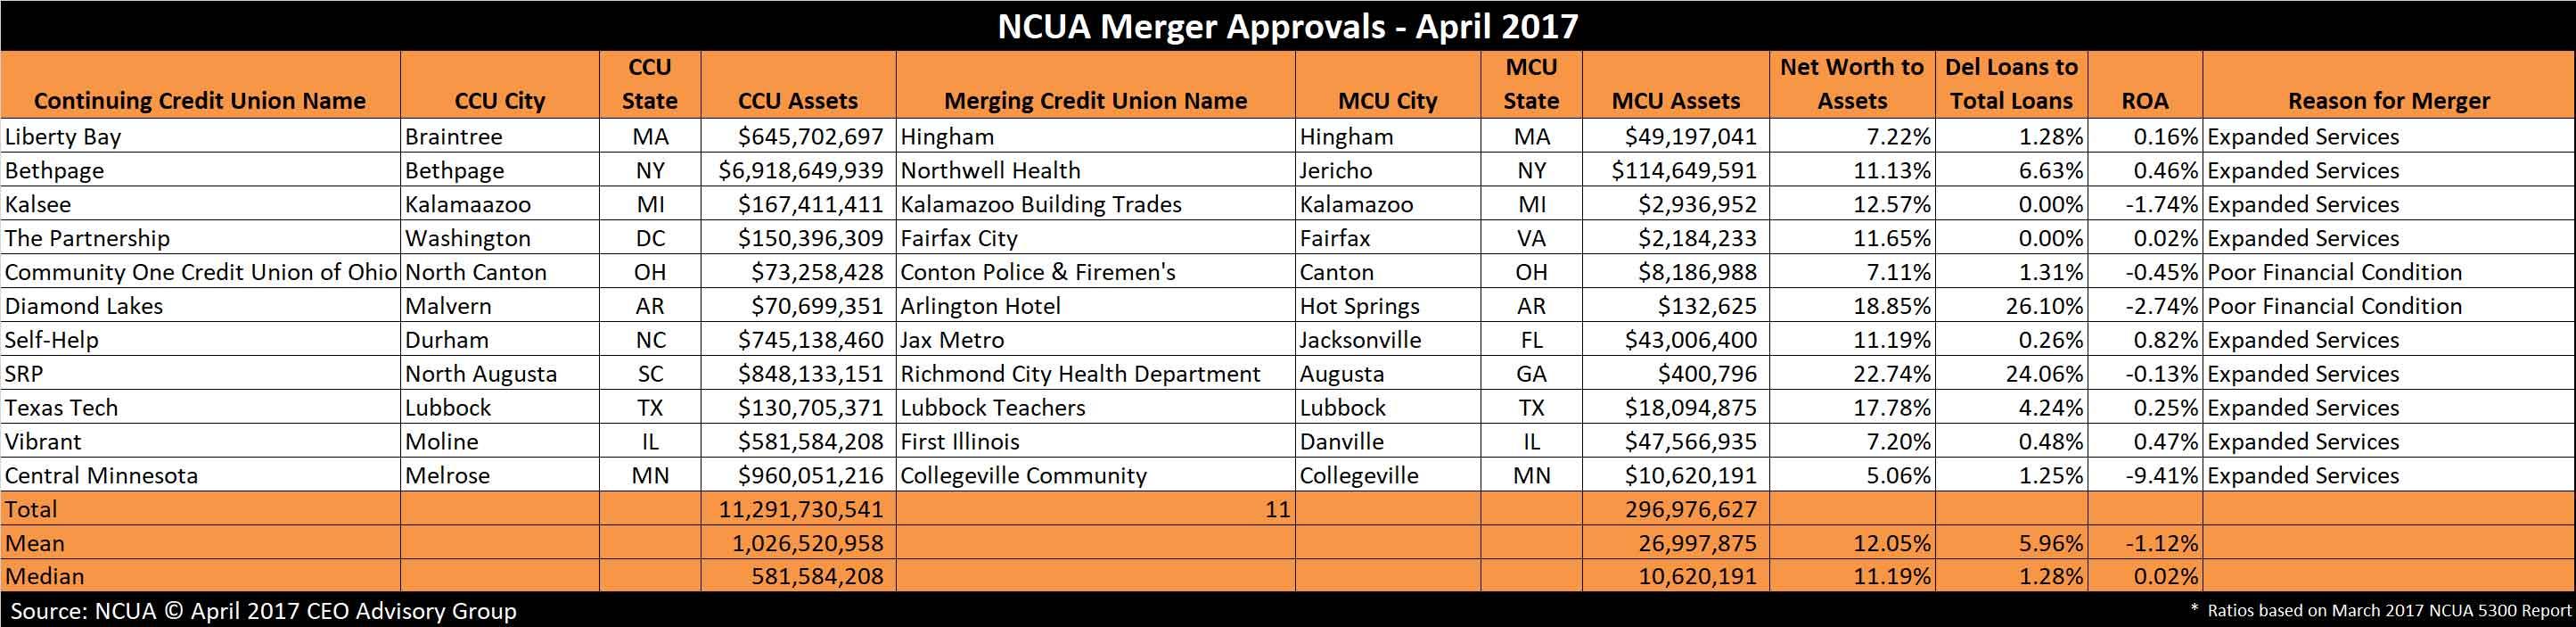 Credit Union Mergers - April 2017